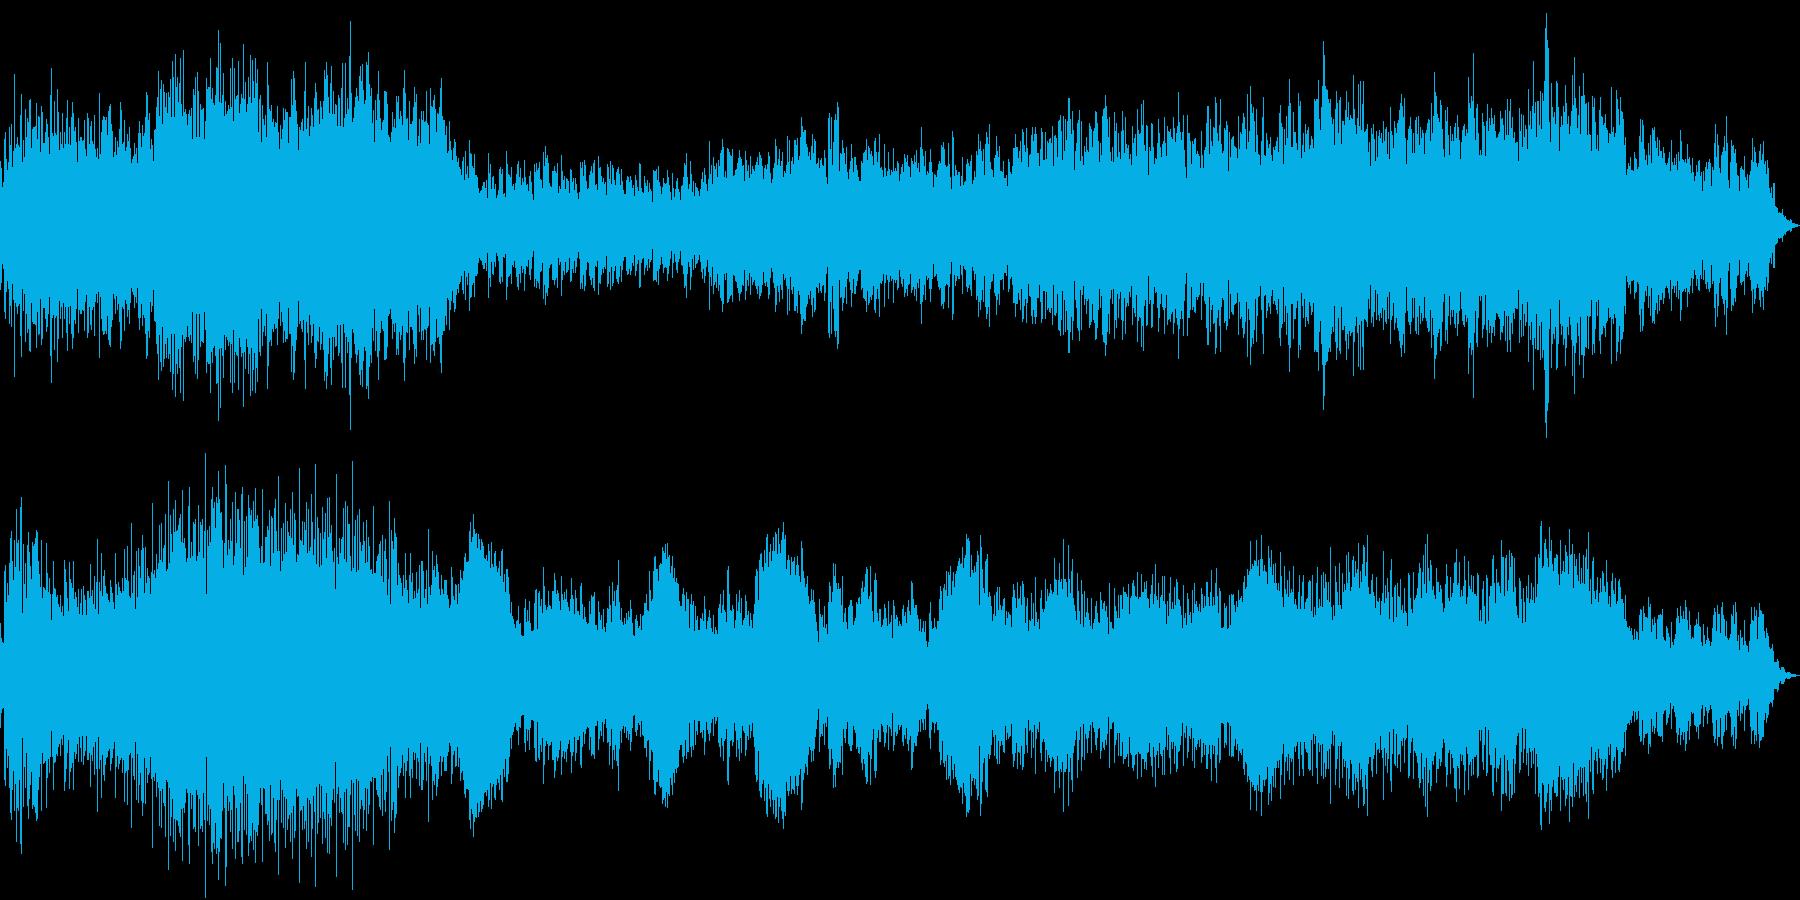 優しい雰囲気のエレクトロの再生済みの波形